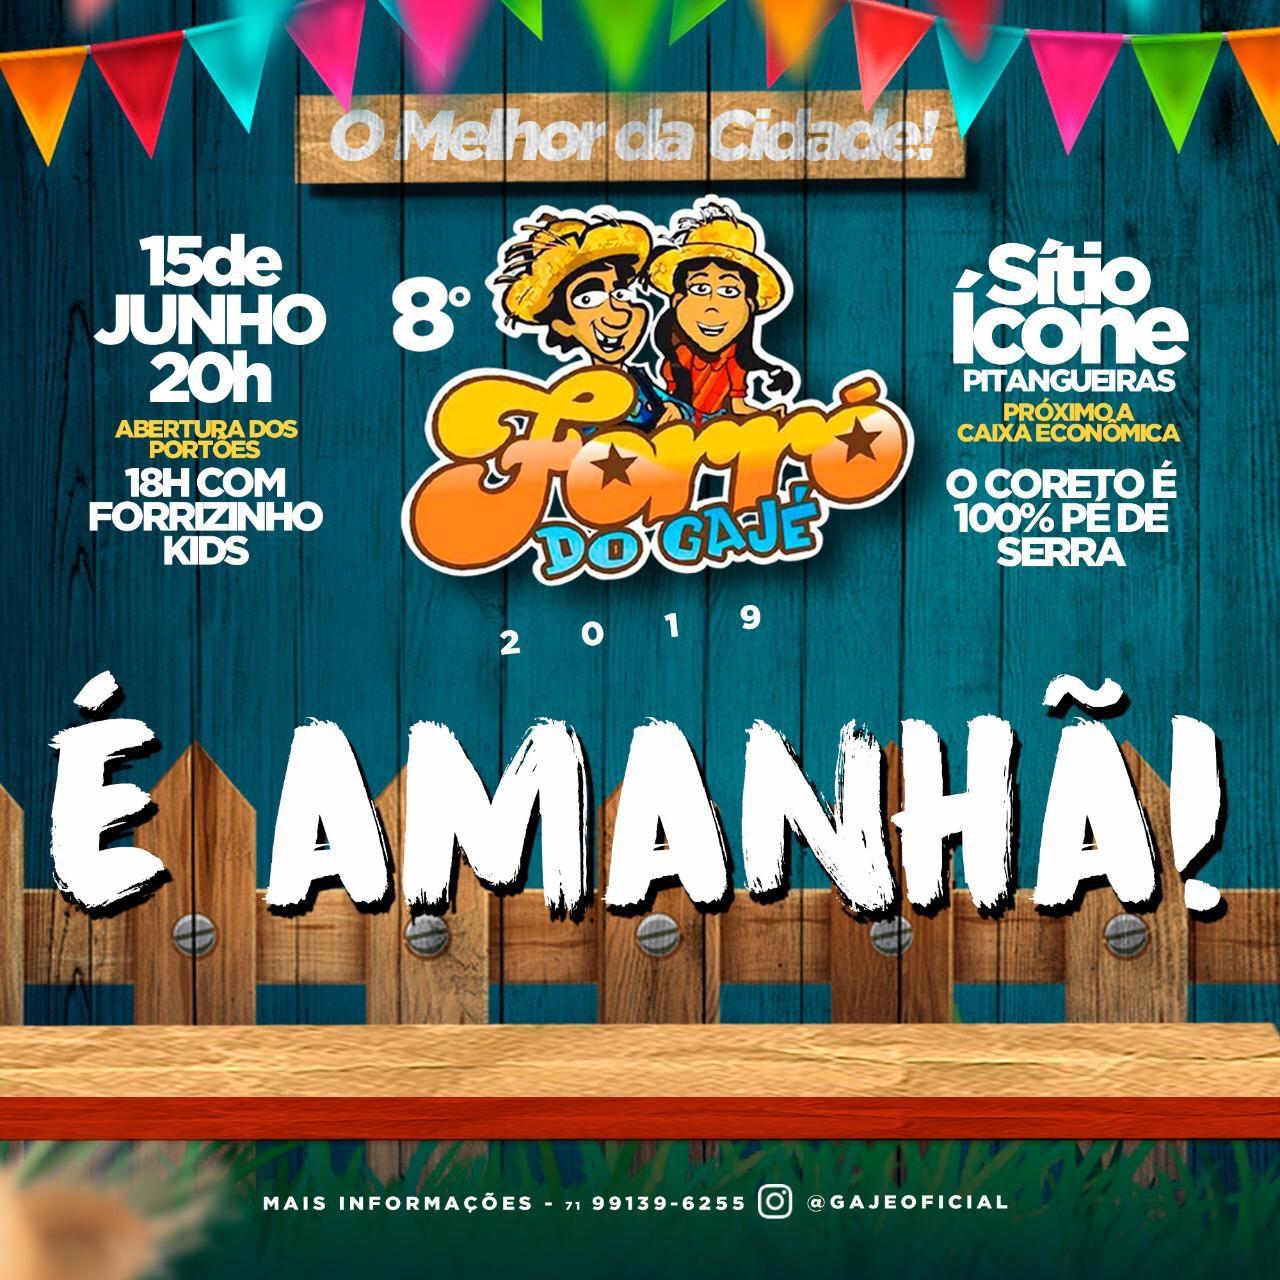 8ª edição do Forró do Gajé, acontece neste sábado (15) em Lauro de Freitas! Você não pode ficar de fora!